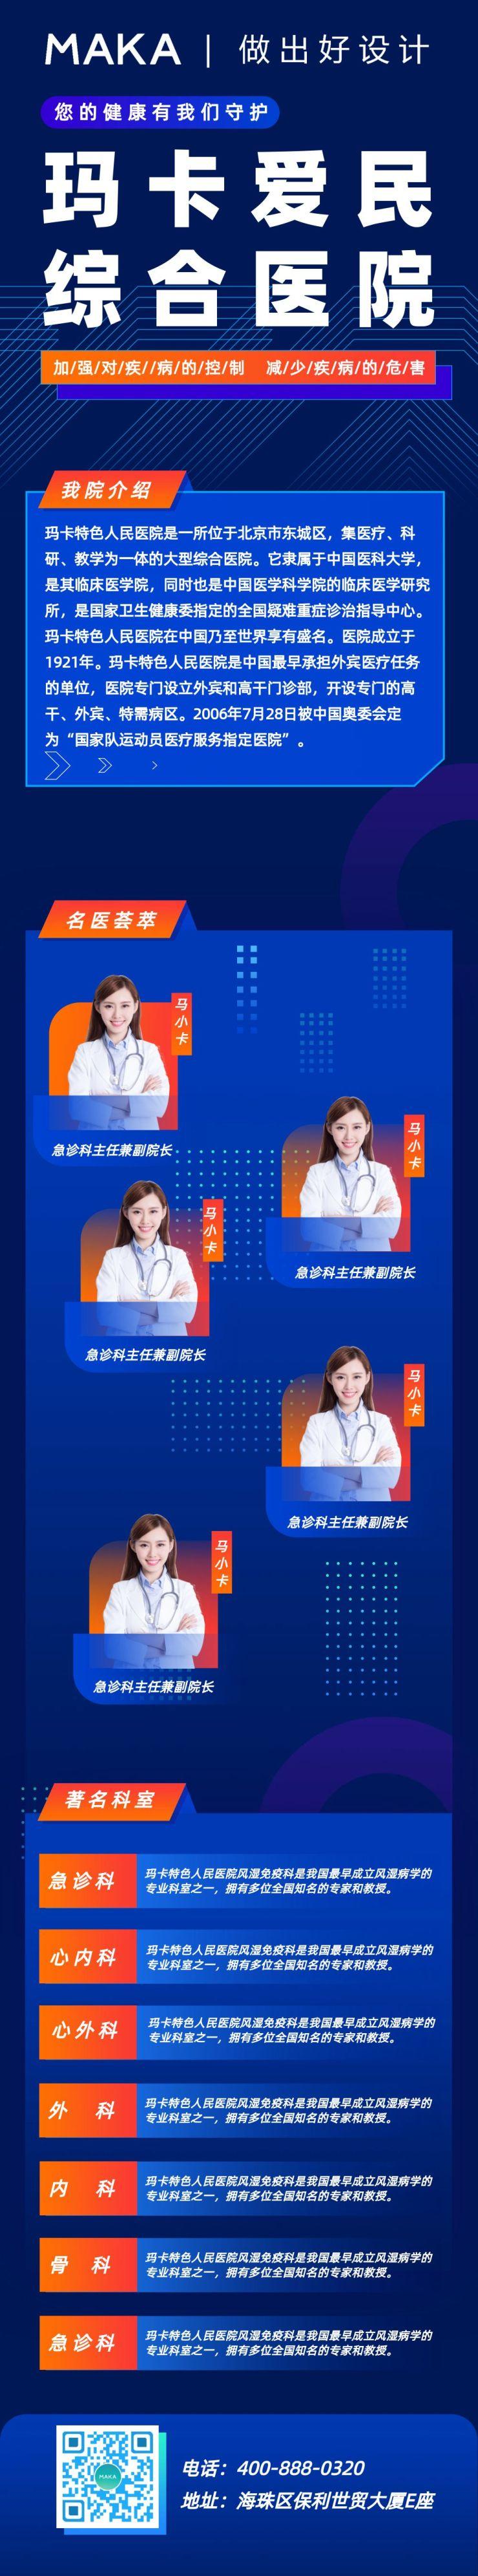 蓝色科技风简约医院宣传文章长图